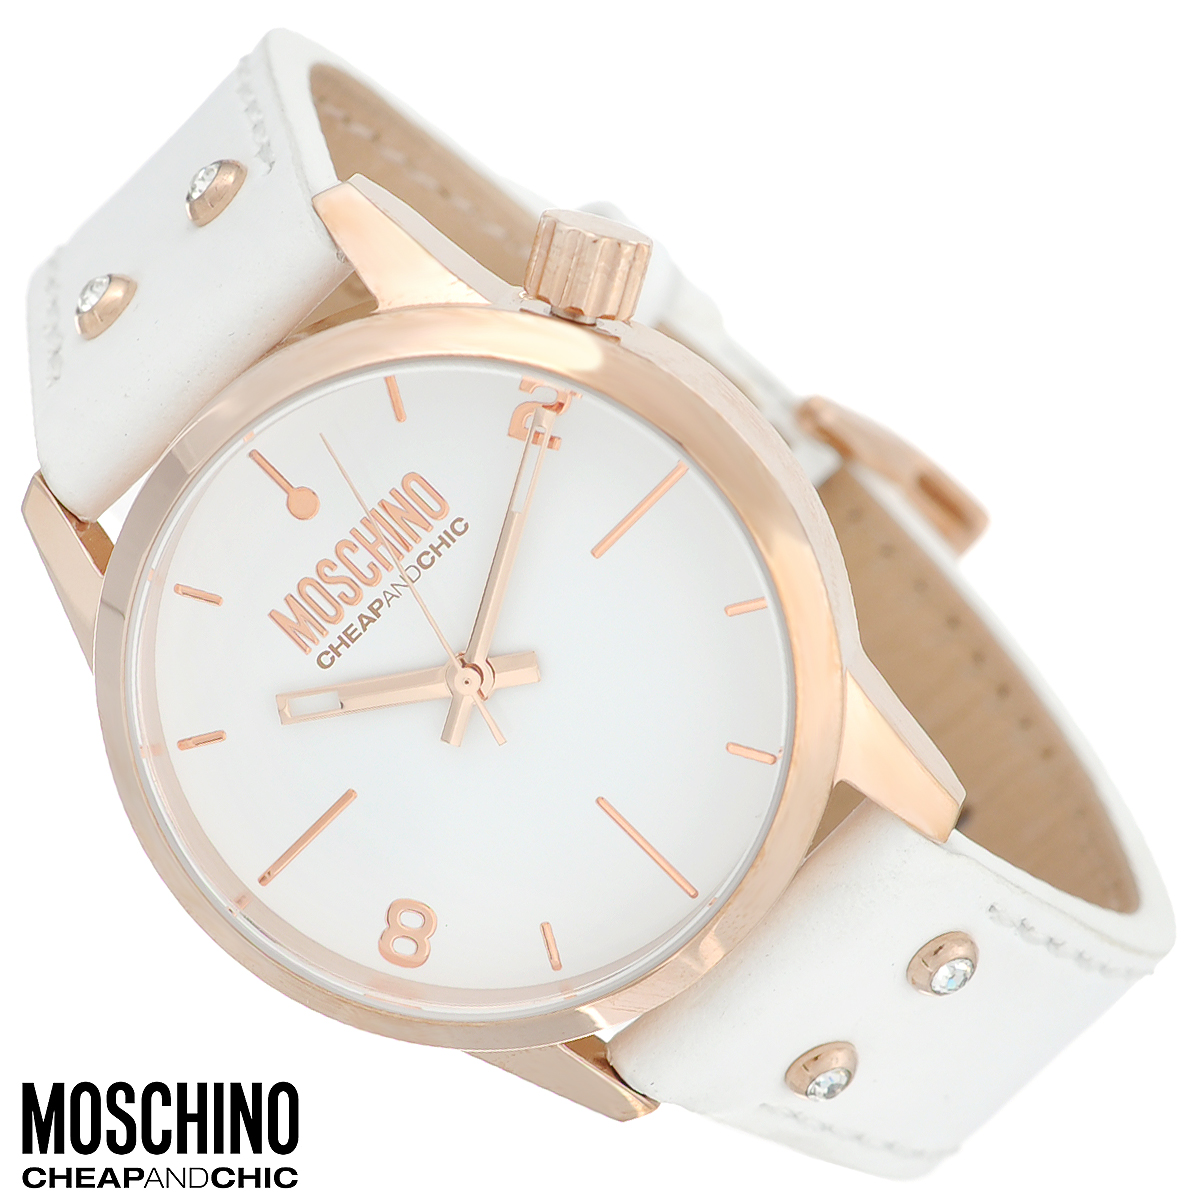 Часы женские наручные Moschino, цвет: белый, золотой. MW0280BM8434-58AEНаручные часы от известного итальянского бренда Moschino - это не только стильный и функциональный аксессуар, но и современные технологи, сочетающиеся с экстравагантным дизайном и индивидуальностью. Часы Moschino оснащены кварцевым механизмом. Корпус выполнен из высококачественной нержавеющей стали с PVD-покрытием. Циферблат с отметками и арабскими цифрами защищен минеральным стеклом. Часы имеют три стрелки - часовую, минутную и секундную. Ремешок часов выполнен из натуральной кожи, оснащен классической застежкой и декорирован стразами. Часы упакованы в фирменную металлическую коробку с логотипом бренда. Часы Moschino благодаря своему уникальному дизайну отличаются от часов других марок своеобразными циферблатами, функциональностью, а также набором уникальных технических свойств. Каждой модели присуща легкая экстравагантность, самобытность и, безусловно, великолепный вкус. Характеристики:Диаметр циферблата: 3,3 см.Размер корпуса: 3,8 см х 3,8 см х 1,1 см.Длина ремешка (с корпусом): 22,5 см.Ширина ремешка: 1,7 см.